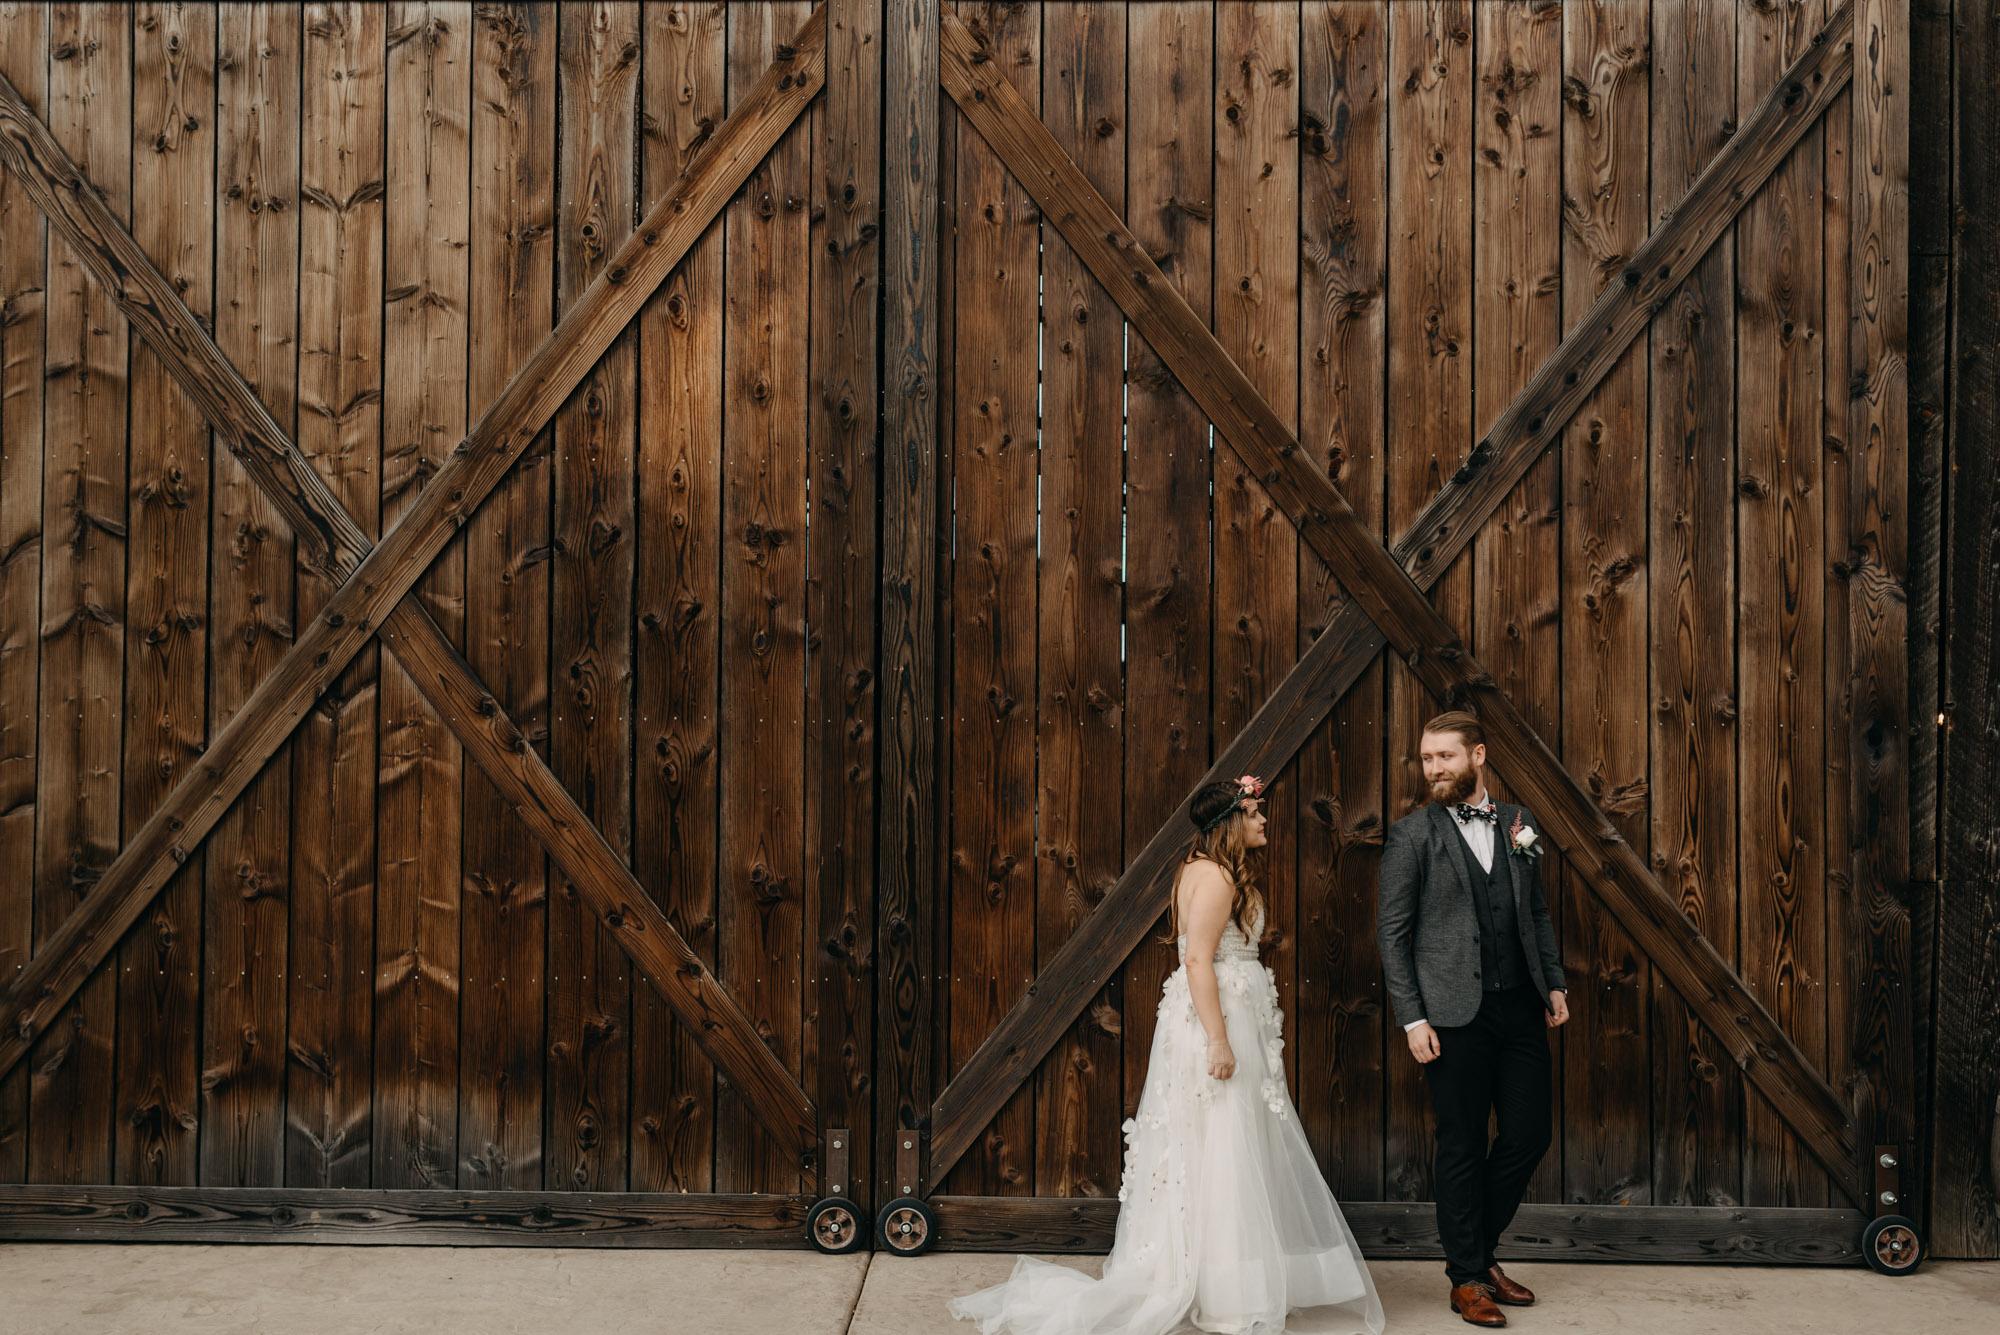 Outdoor-First-Look-Washington-Wedding-Barn-Door-8069.jpg